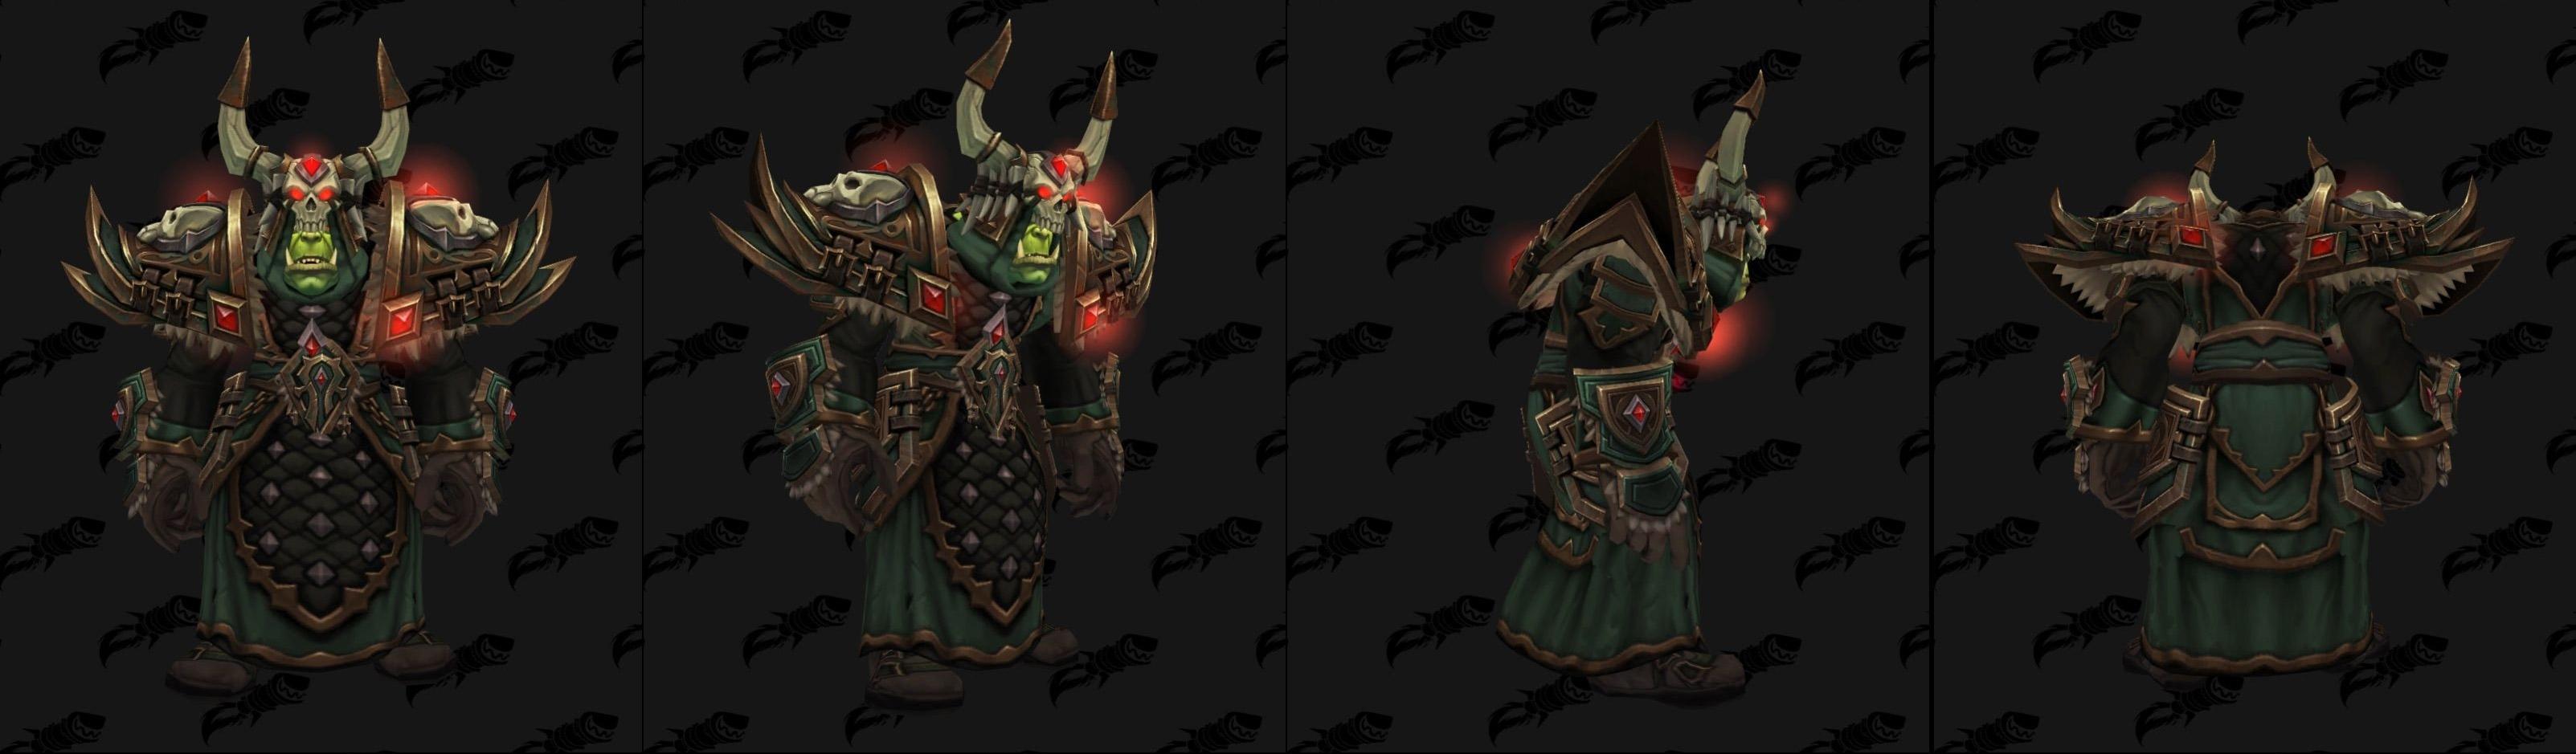 Armures tissu (Horde) - Fronts de guerre Tier 3 - Coloris 3